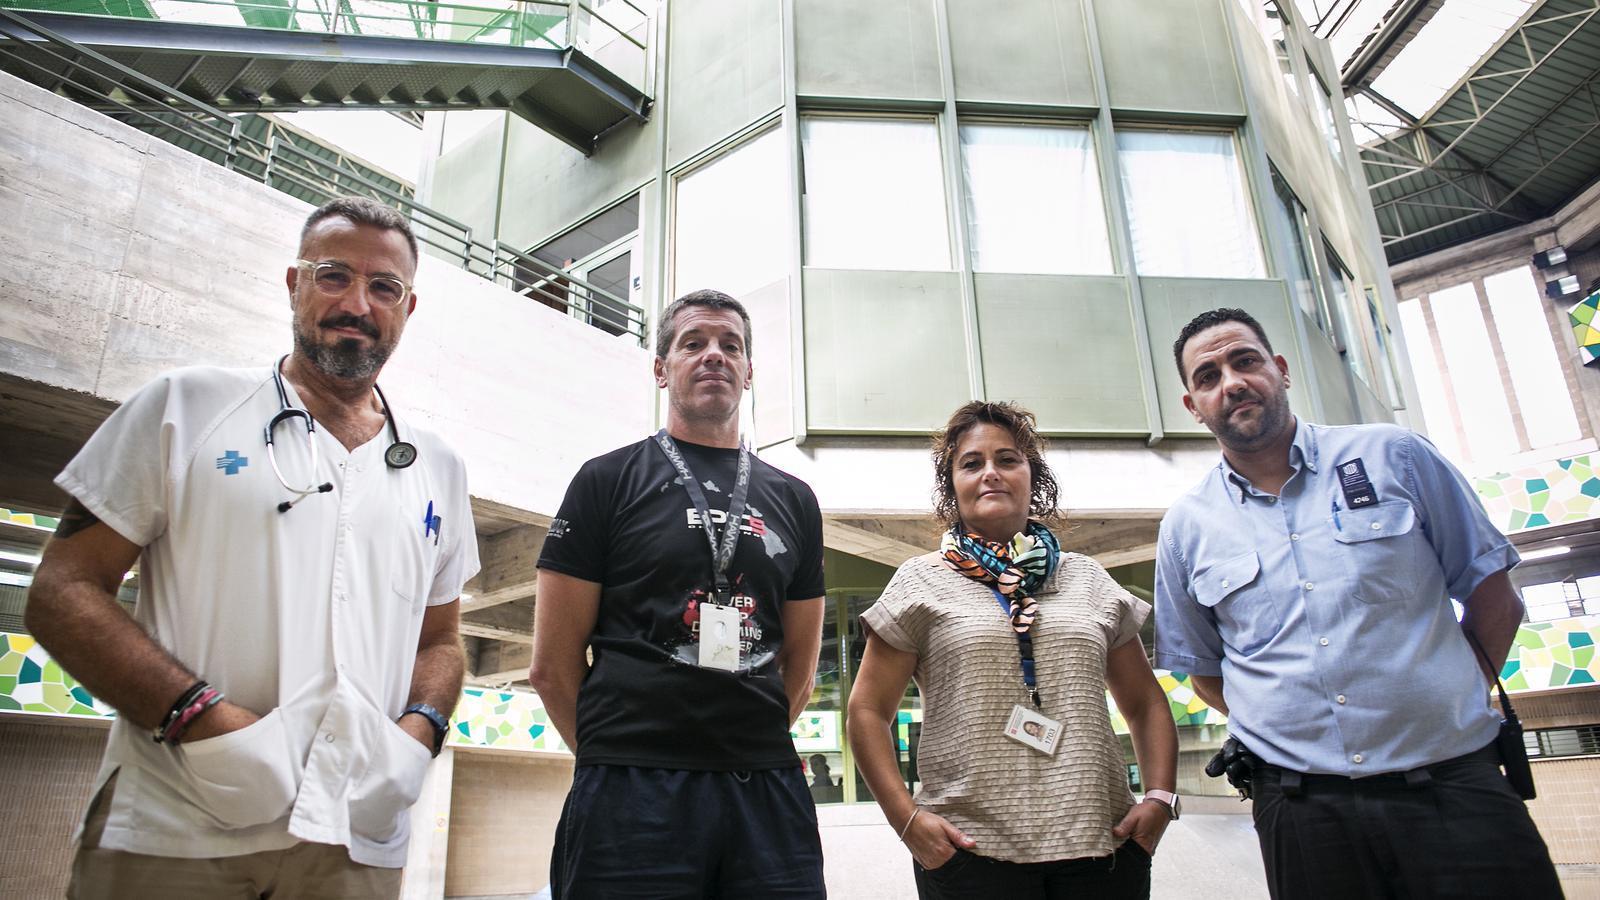 Joan Pau Golf (metge de la presó de Quatre Camins), Oriol Serra (tècnic d'esports), Cèlia Ávila (educadora social) i Luis Pérez (cap d'unitat del mòdul 2).